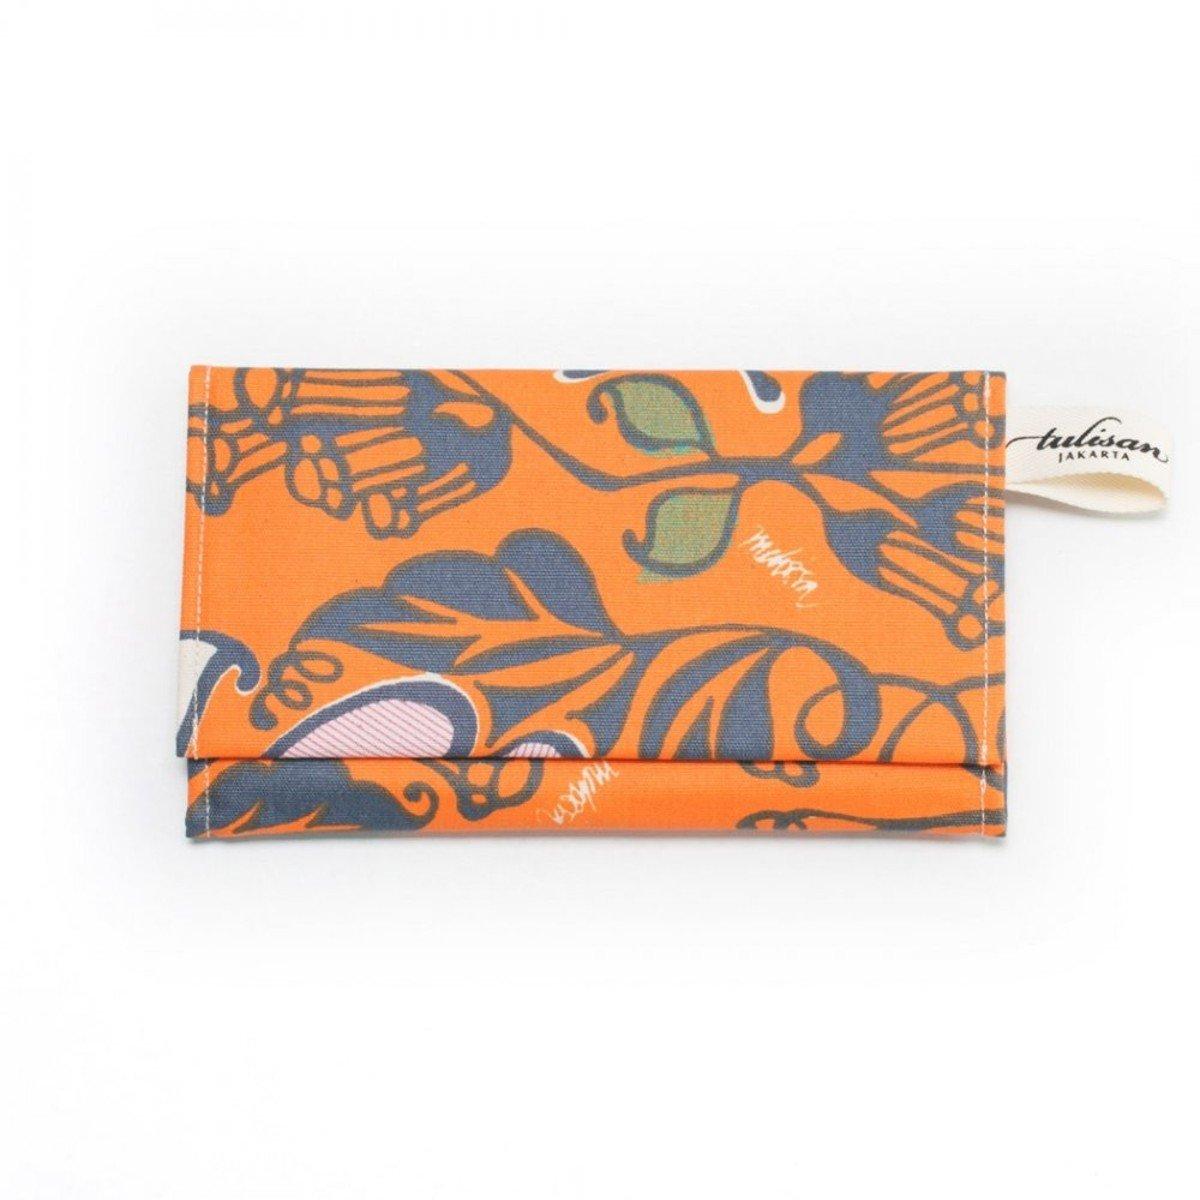 Olio Clutch 錢包 - Orange Tangerine